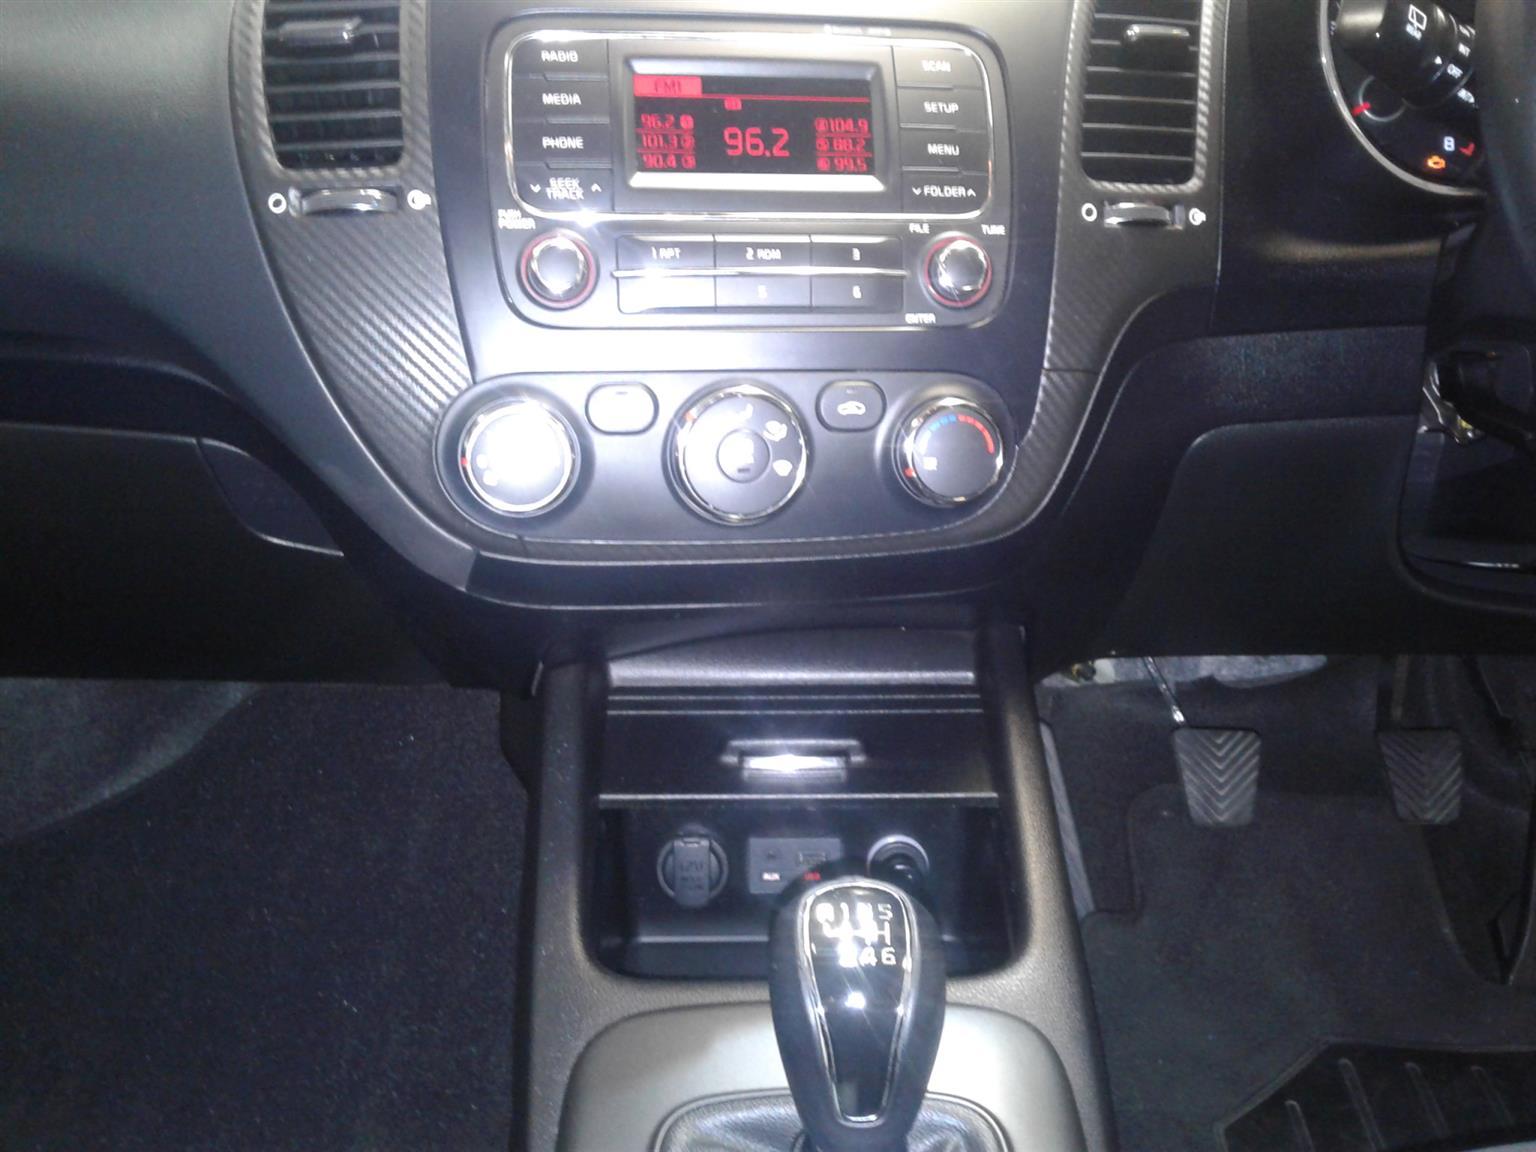 2014 Kia Cerato 1.6 EX 5 door